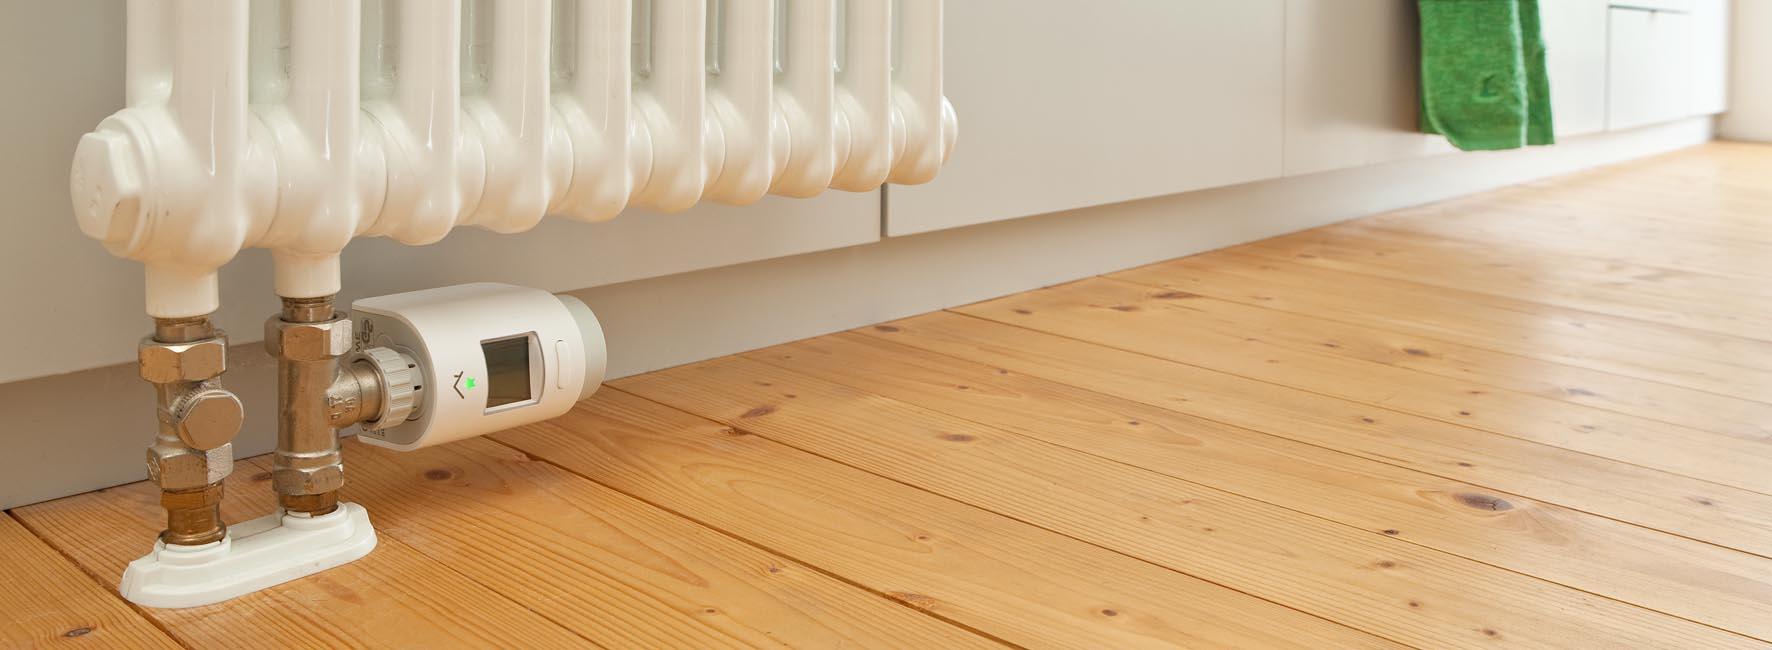 rwe smarthome die intelligente steuerung f r ihr zuhause. Black Bedroom Furniture Sets. Home Design Ideas